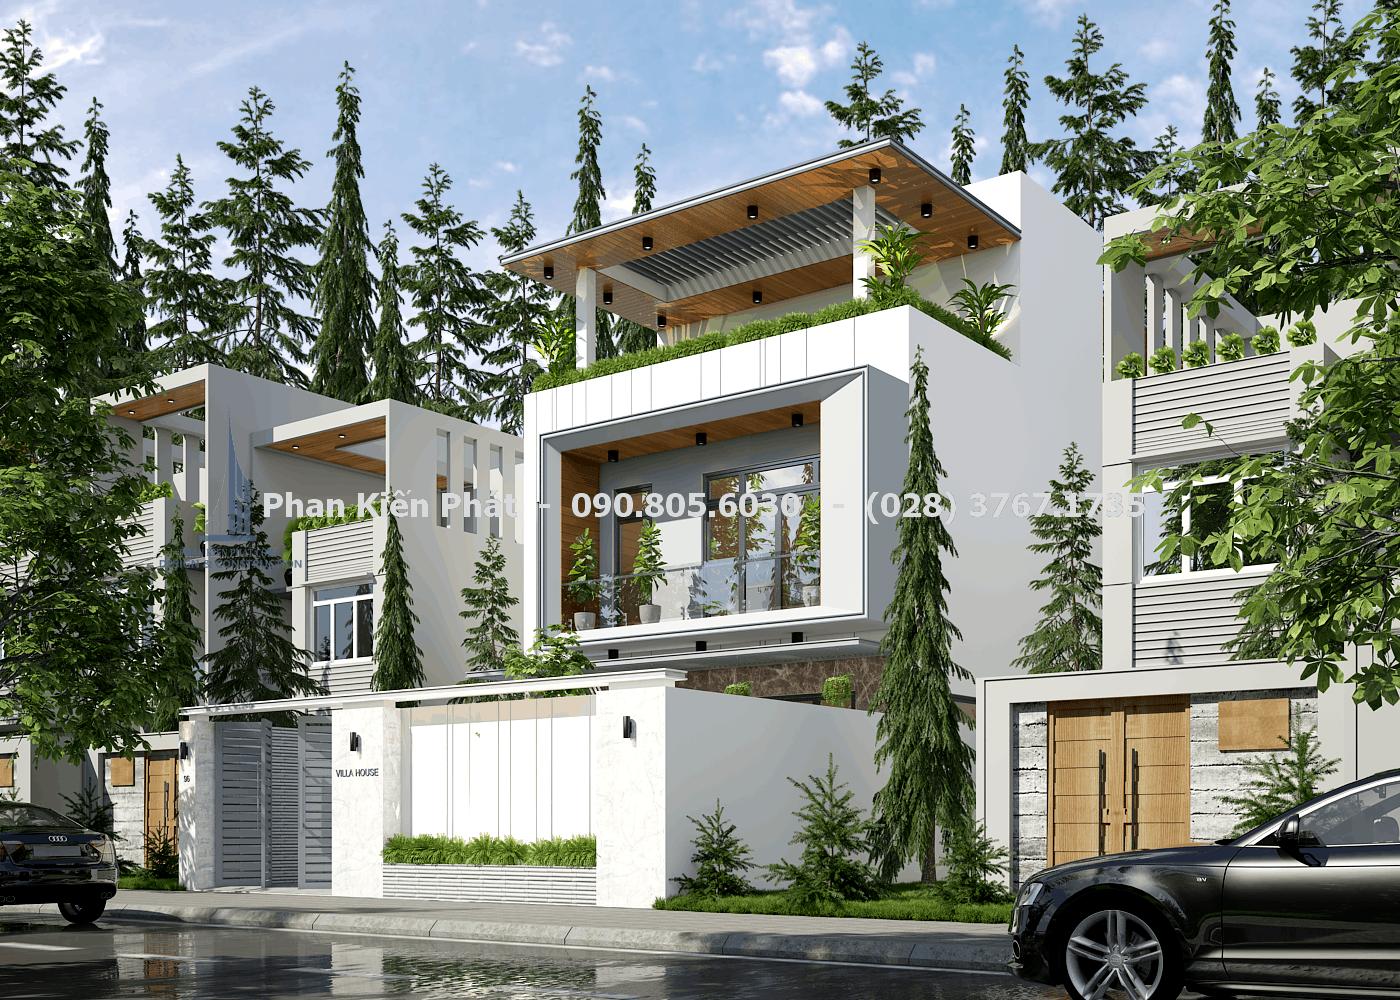 Phối cảnh mặt tiền biệt thự vườn 3 tầng mái bằng tại Bình Phước